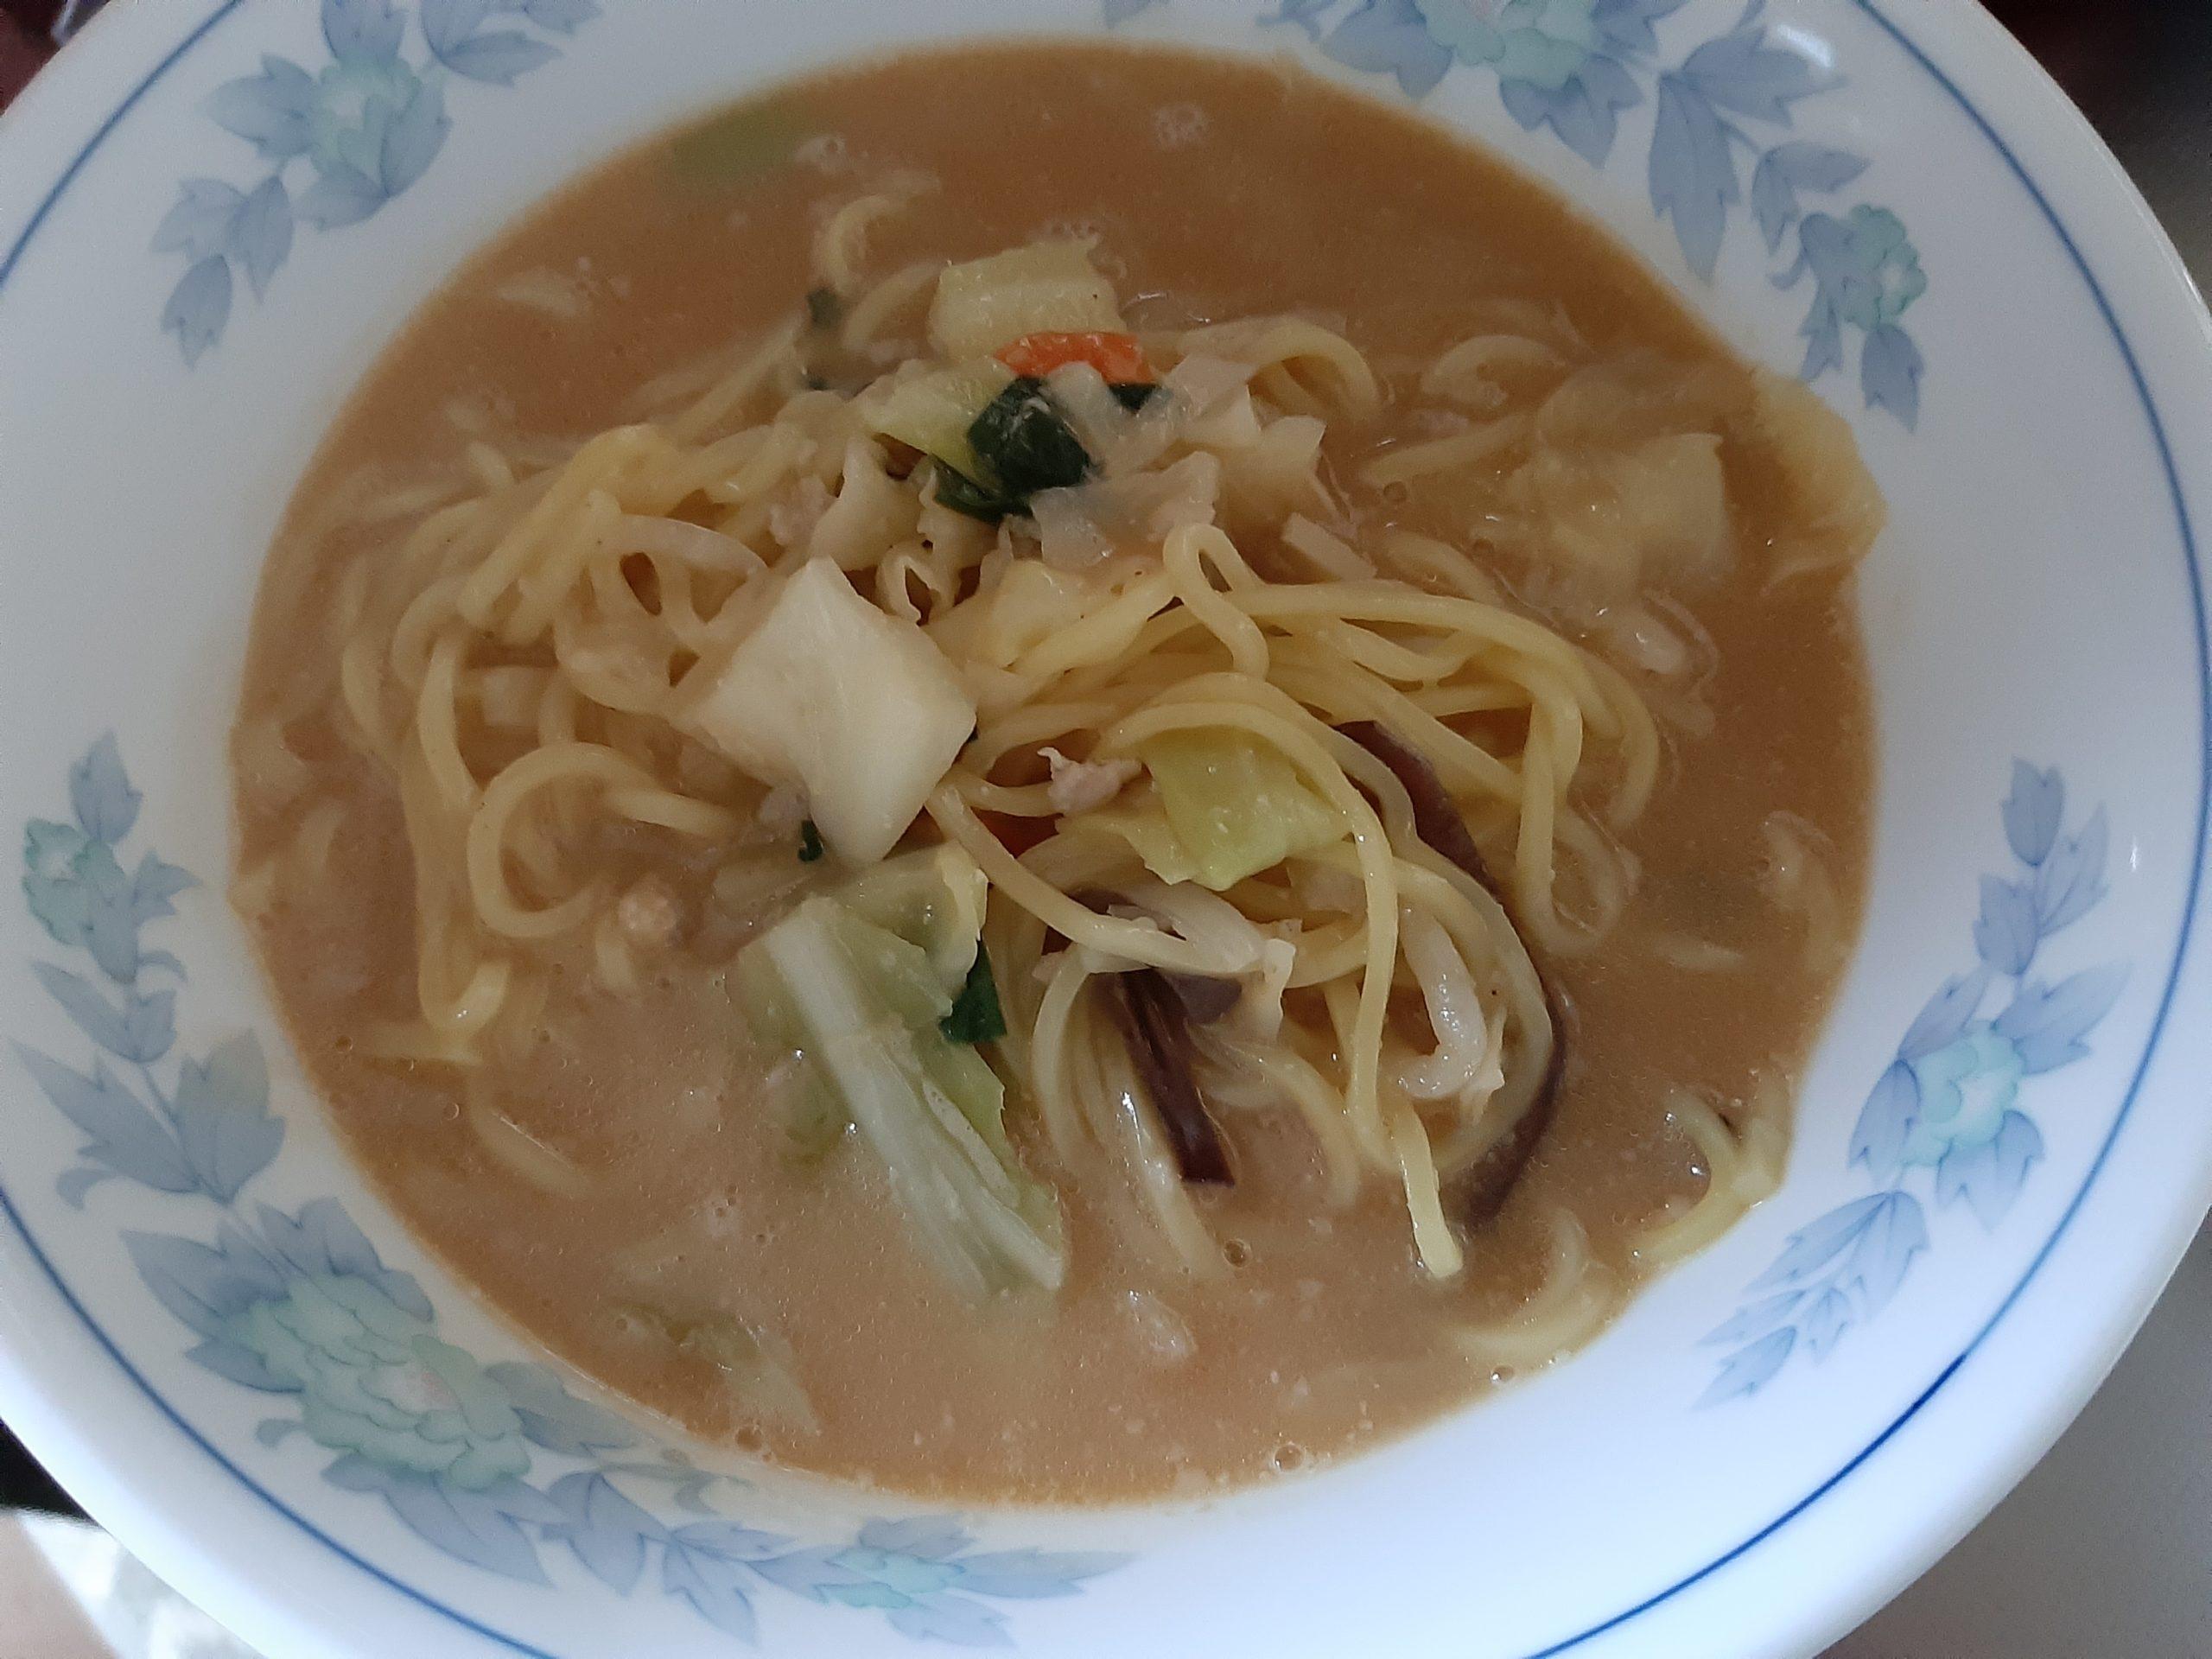 テイクアウト!幸楽苑のお持ち帰り冷凍麺(味噌野菜)を食べてみた!